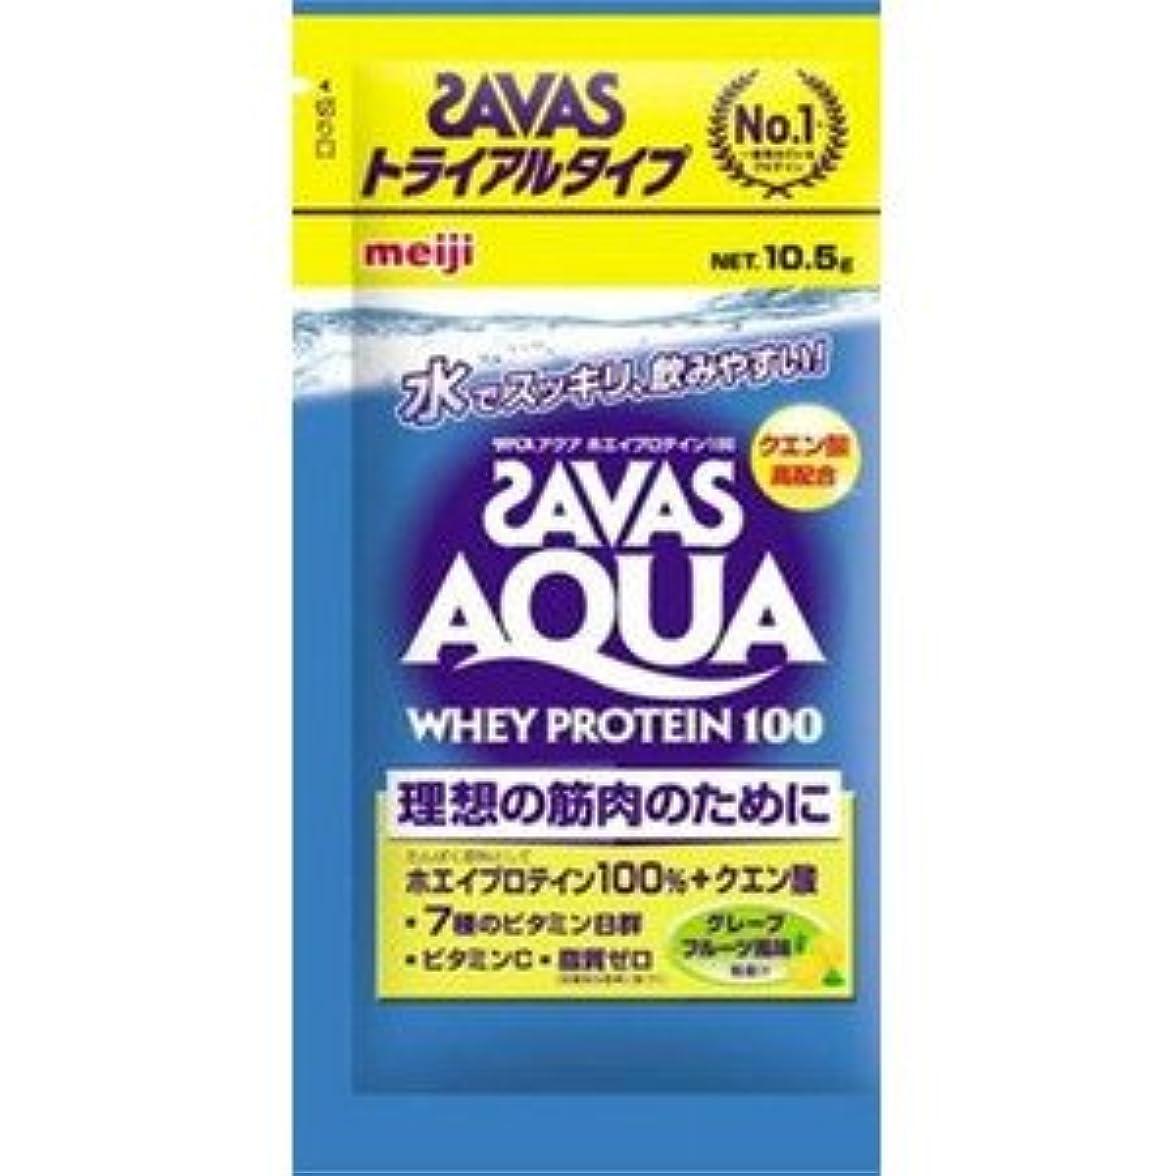 物質想定するしっかり(ロート製薬)肌研 極潤ヒアルロン洗顔フォーム 100g(お買い得3本セット)